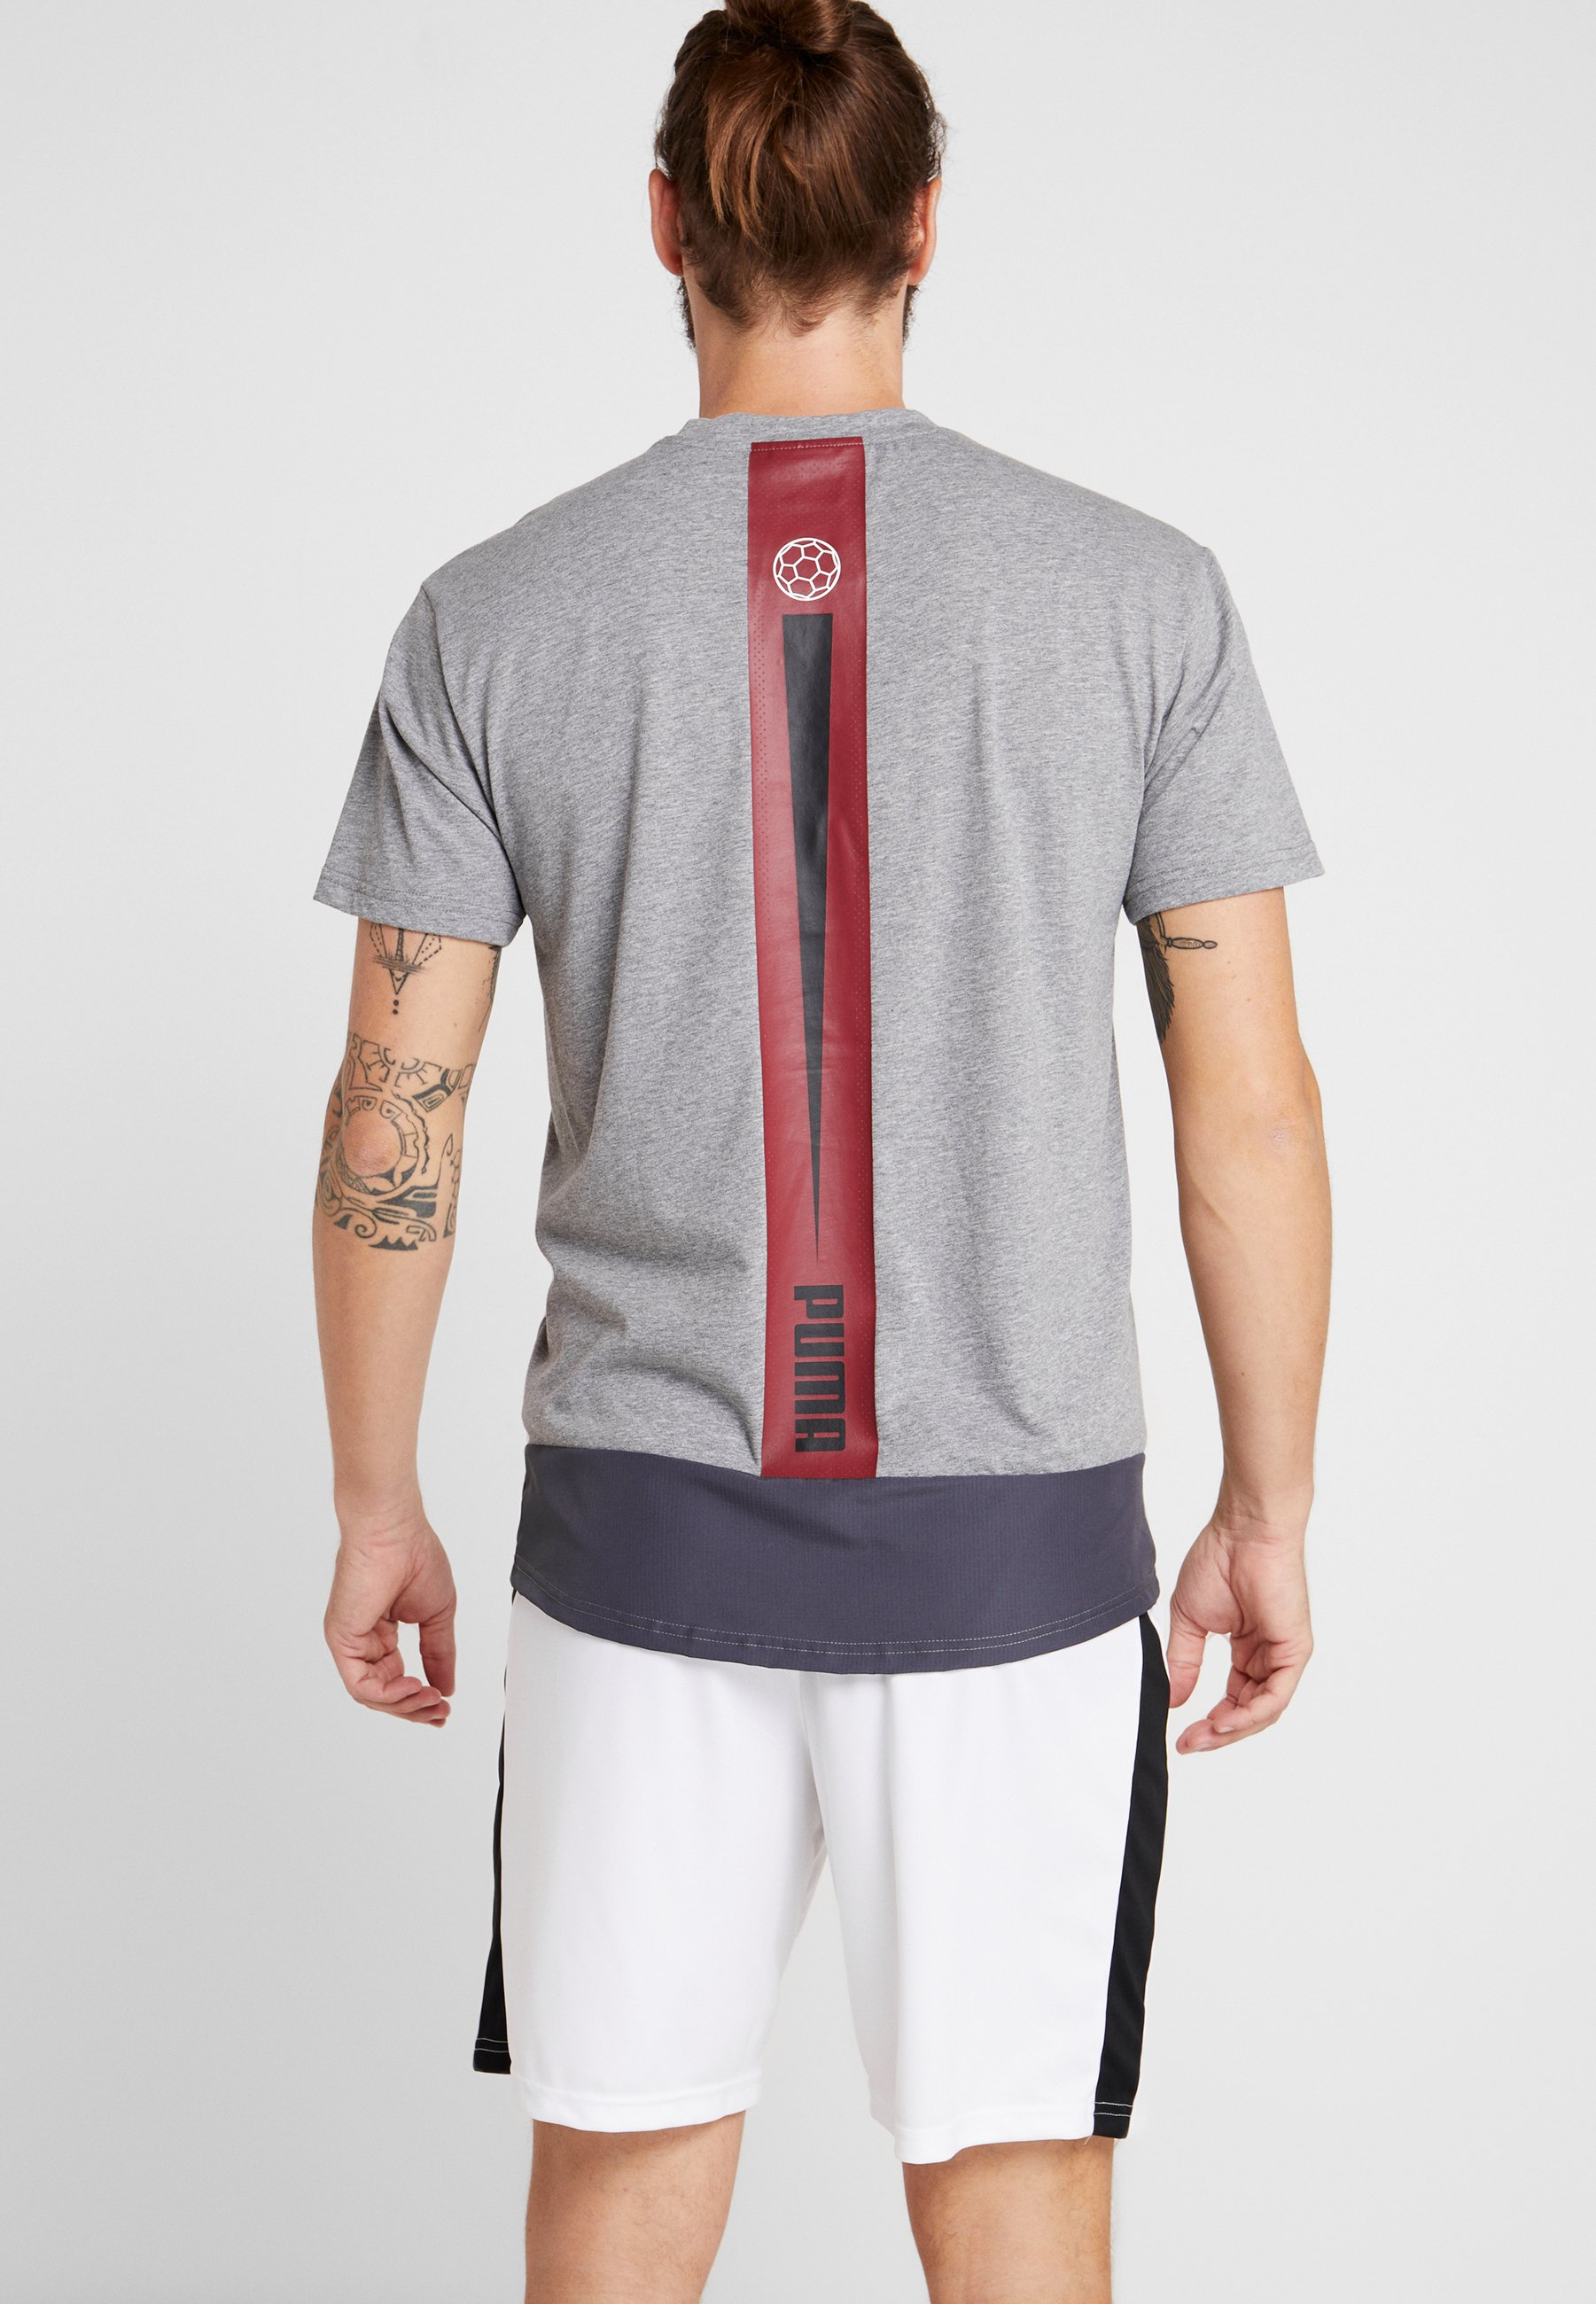 Grey TeeT Dawn shirt ebony Puma Imprimé Casuals qzGUSMpV